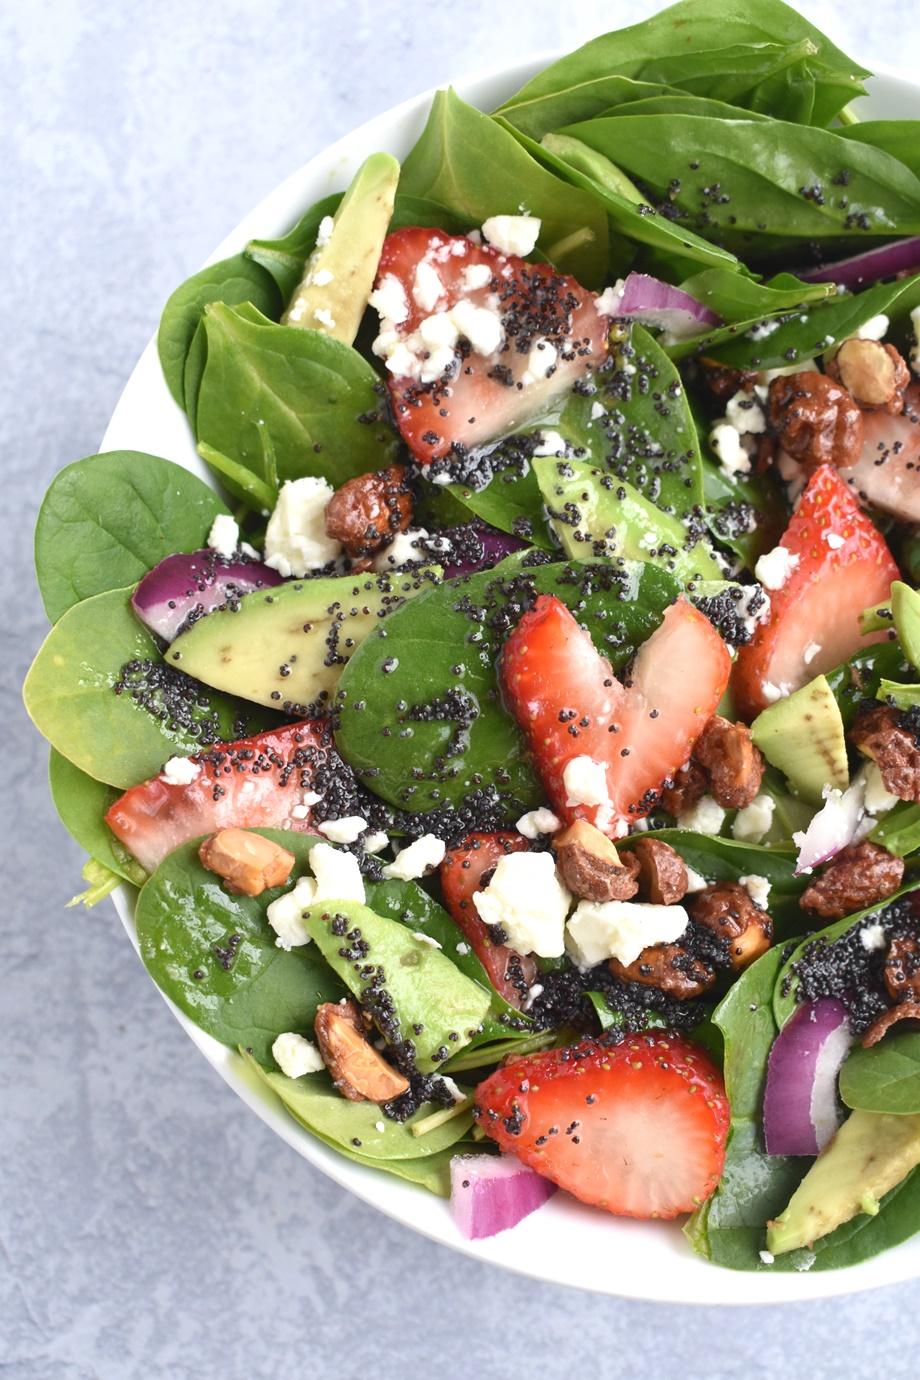 Strawberry Avocado Feta Spinach Salad